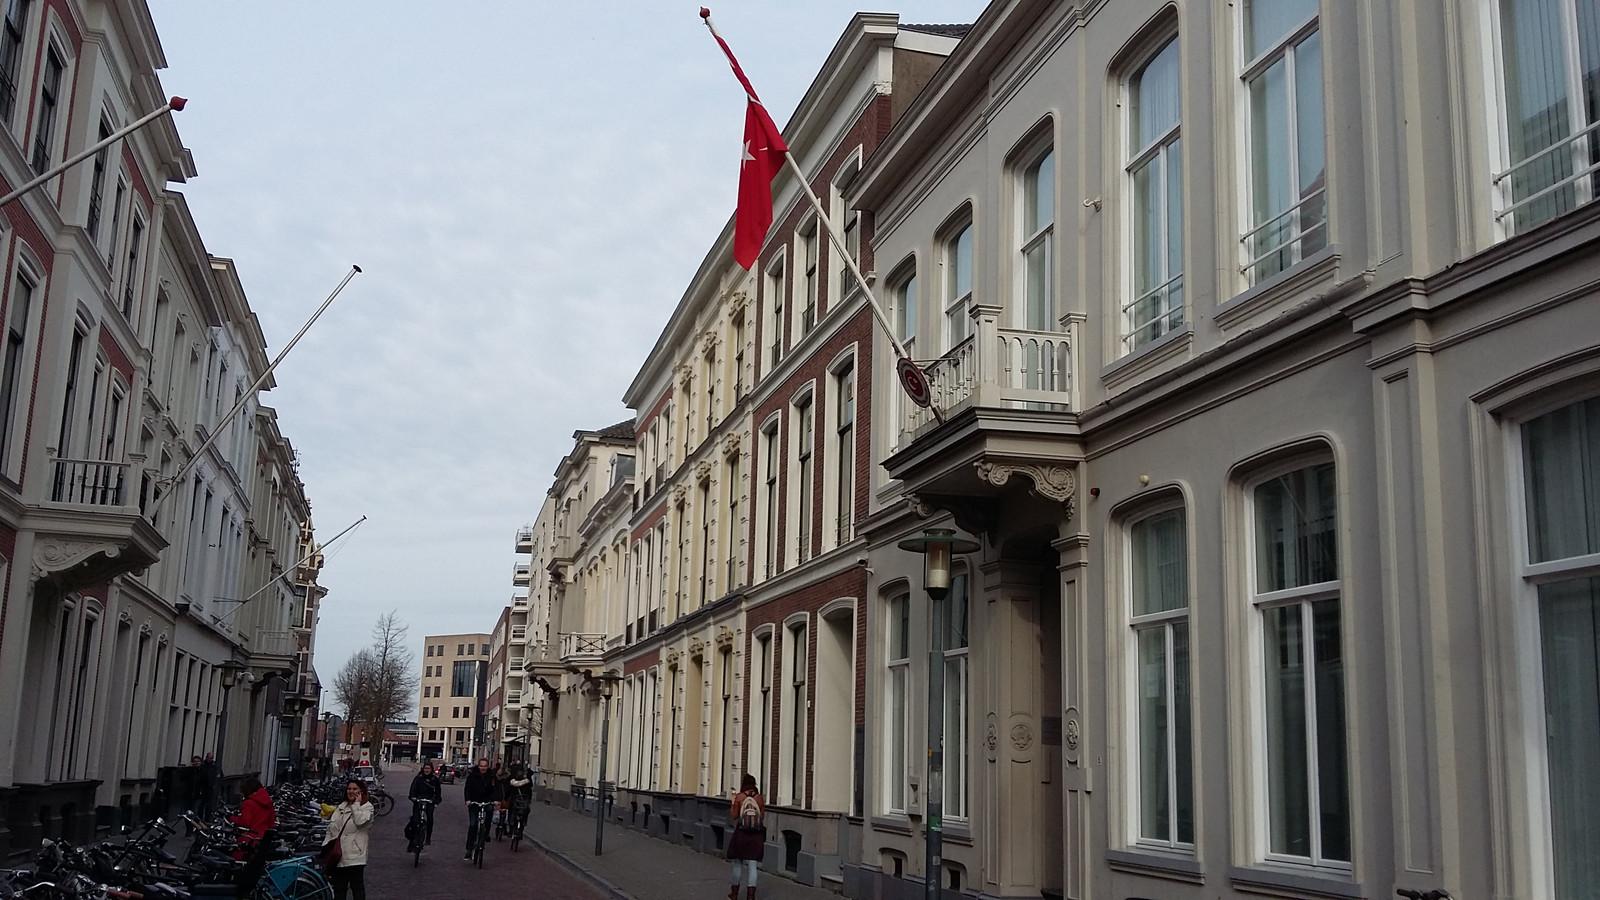 Turks Consulaat aan de Keizerstraat in Deventer.